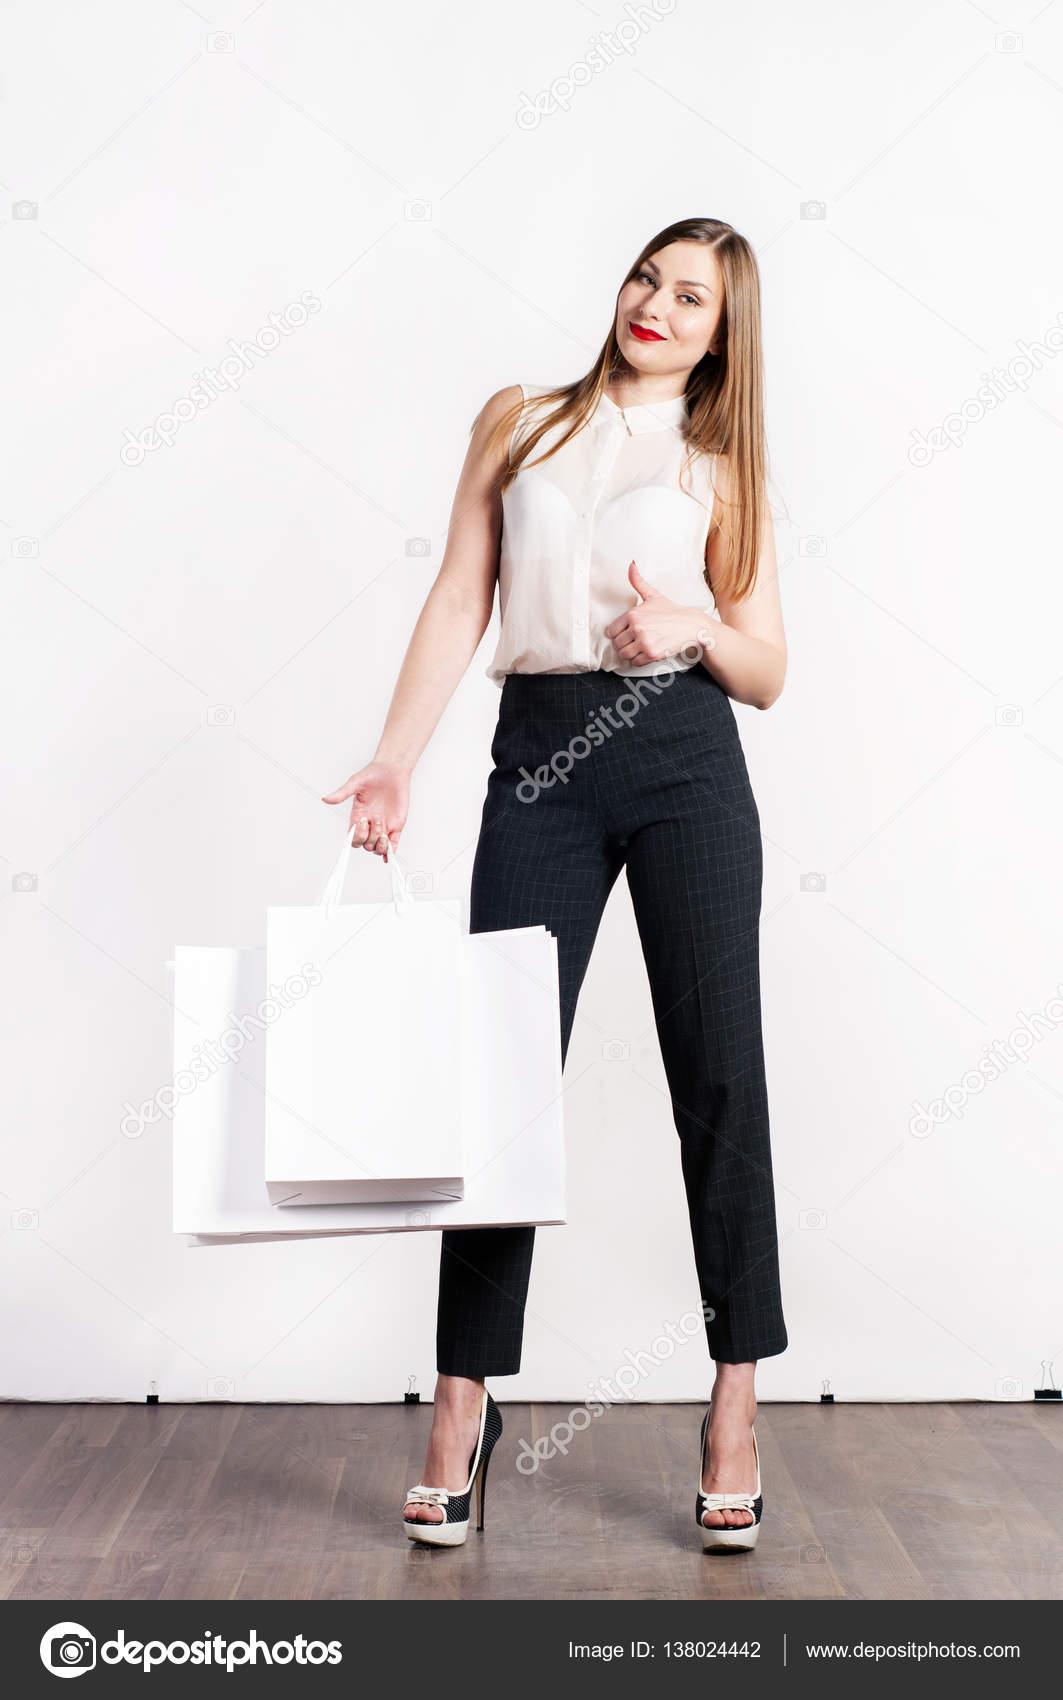 bc700a9d3321c8 Schöne junge Frau (Mädchen) mit lange hellbraune Haare in eine weiße Bluse  gerade stehend